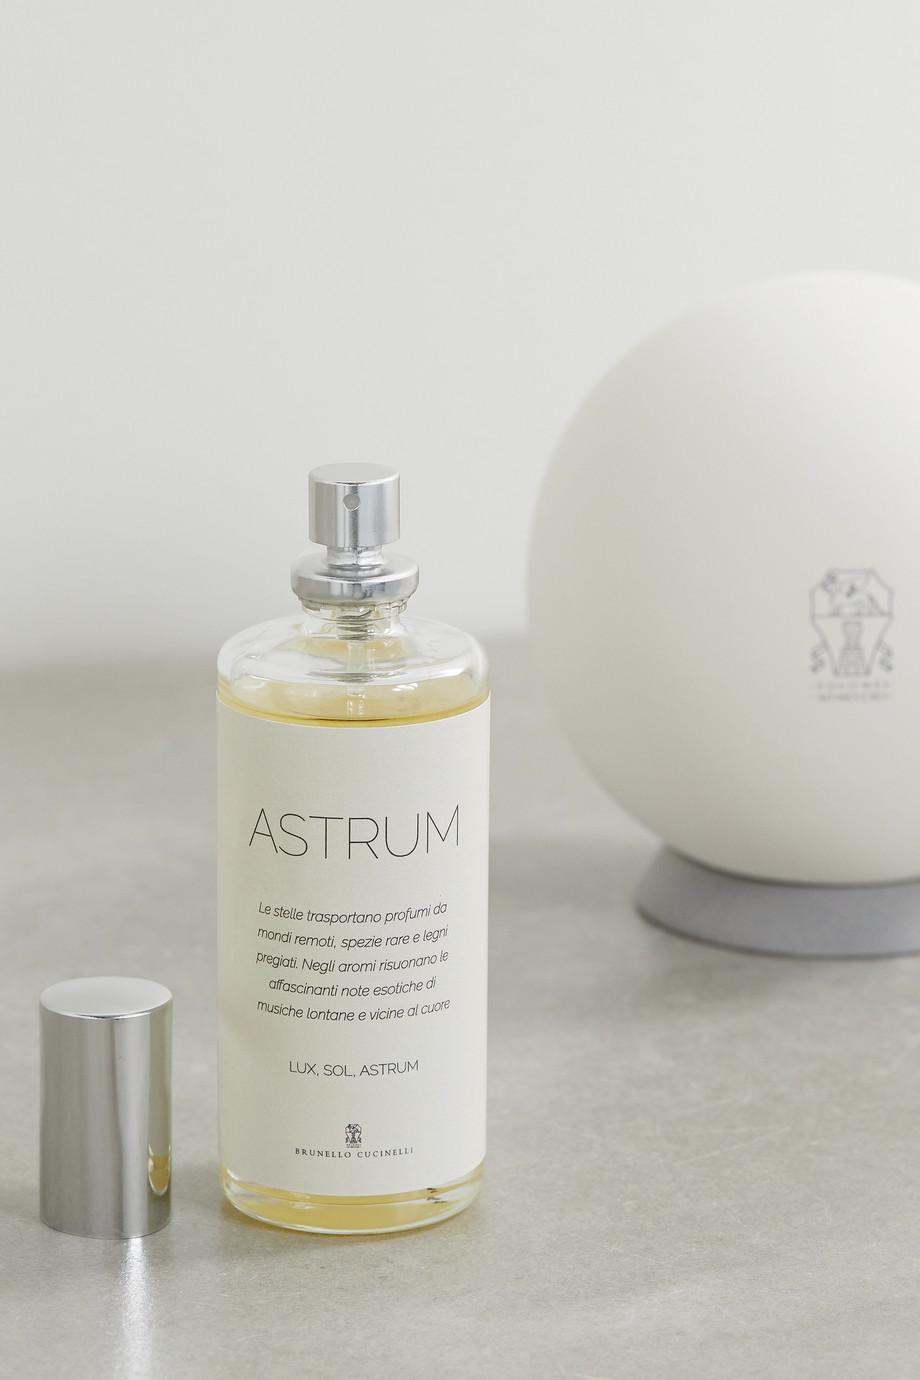 Brunello Cucinelli Astrum Sphere diffuser and refill set